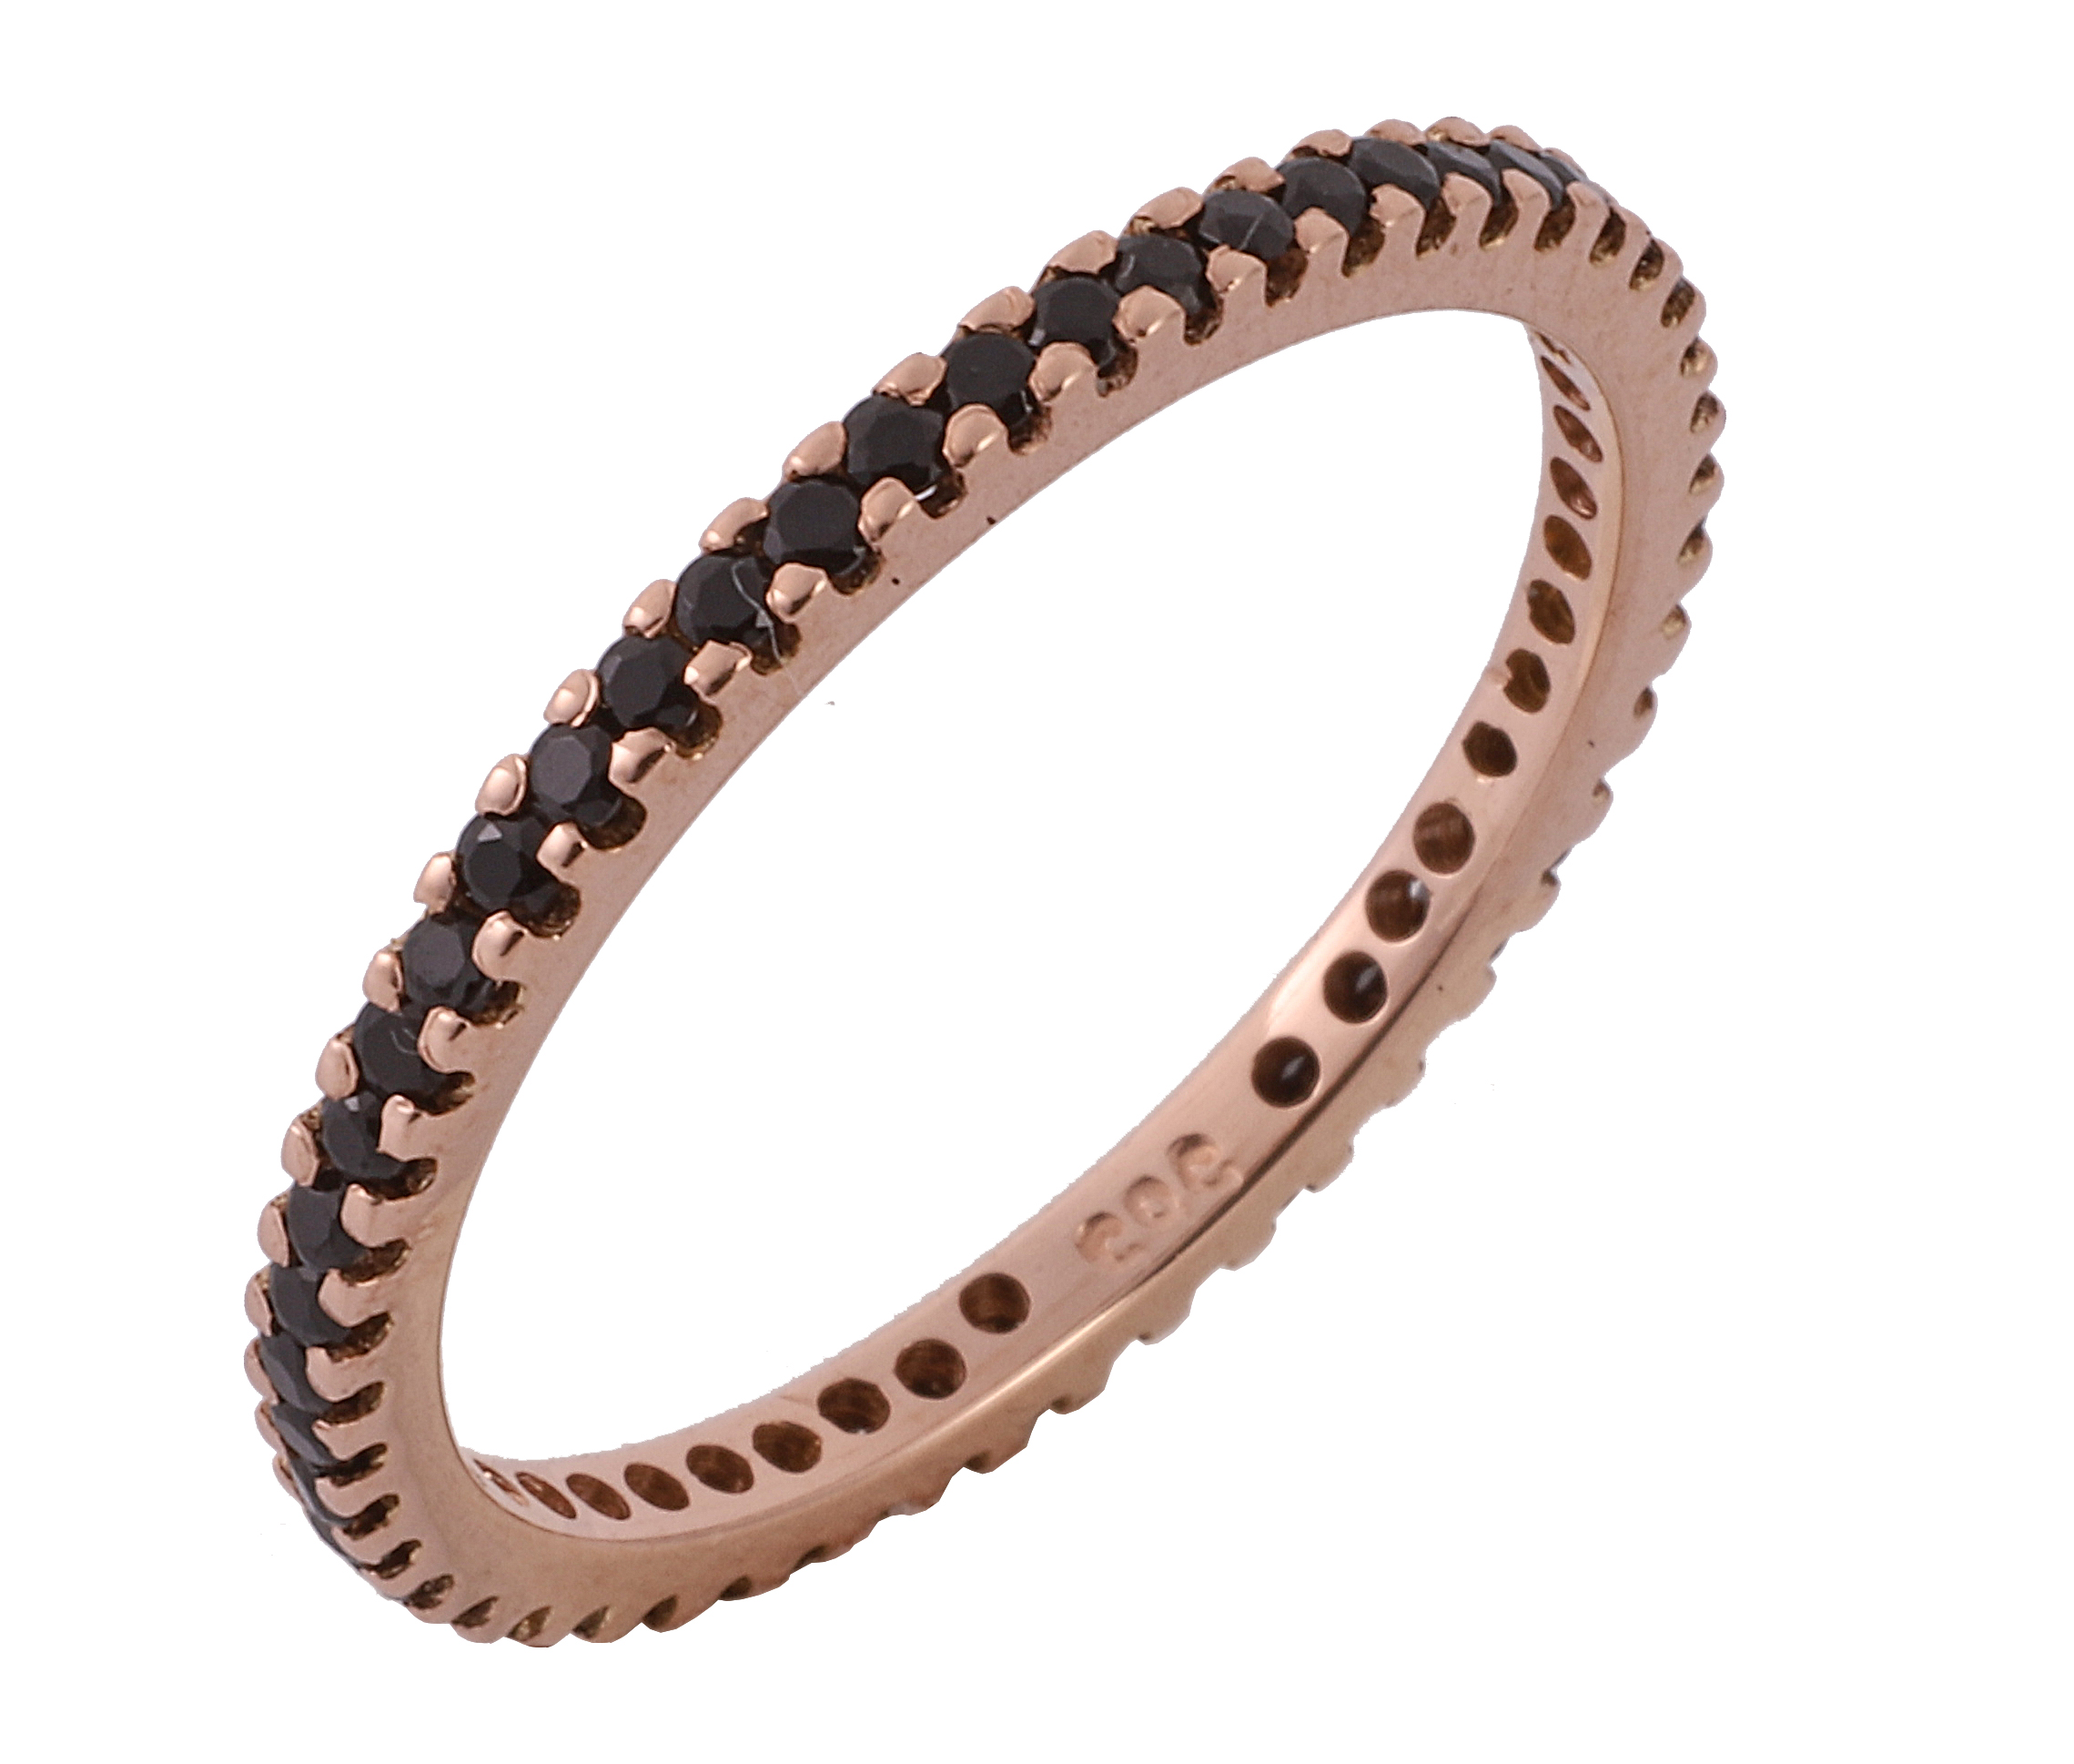 Δαχτυλίδι Ολόβερο με Μαύρα Ζιργκόν Ροζ Χρυσός Κ14 - 11053BL